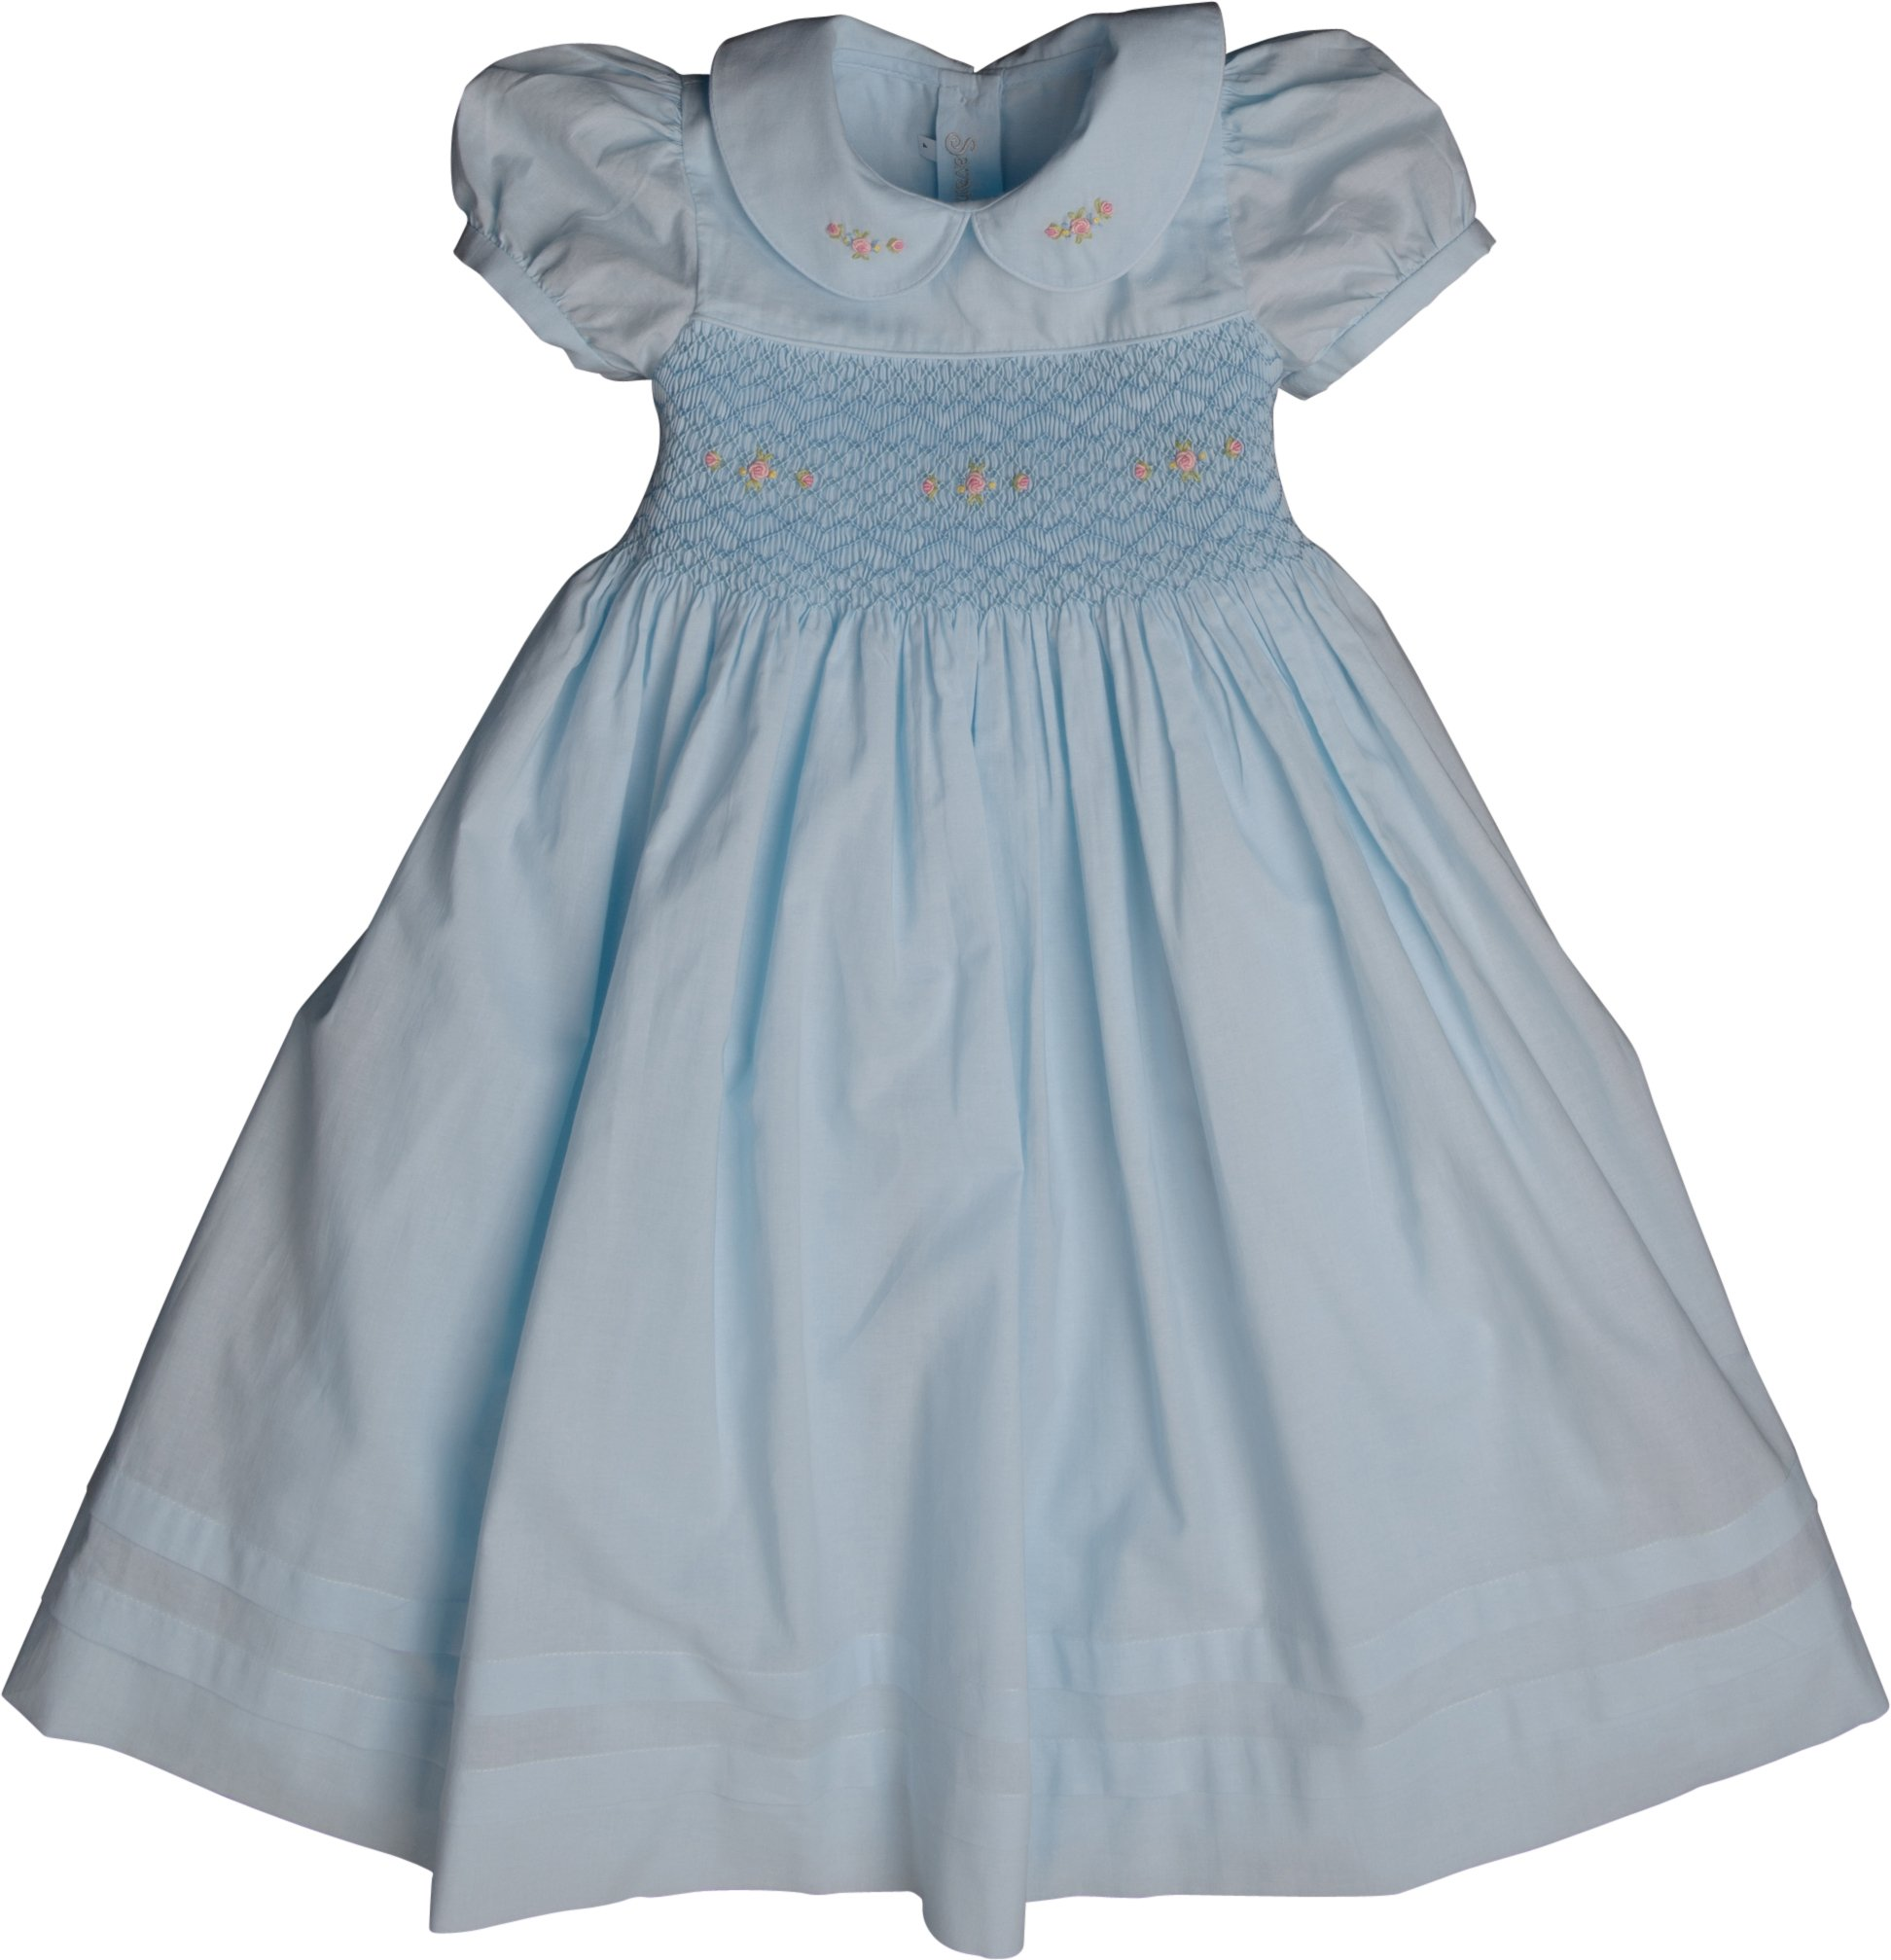 Strasburg Children Little Girls Madison Smocked Dress Light Blue Heirloom Photo Birthday Gift (6)